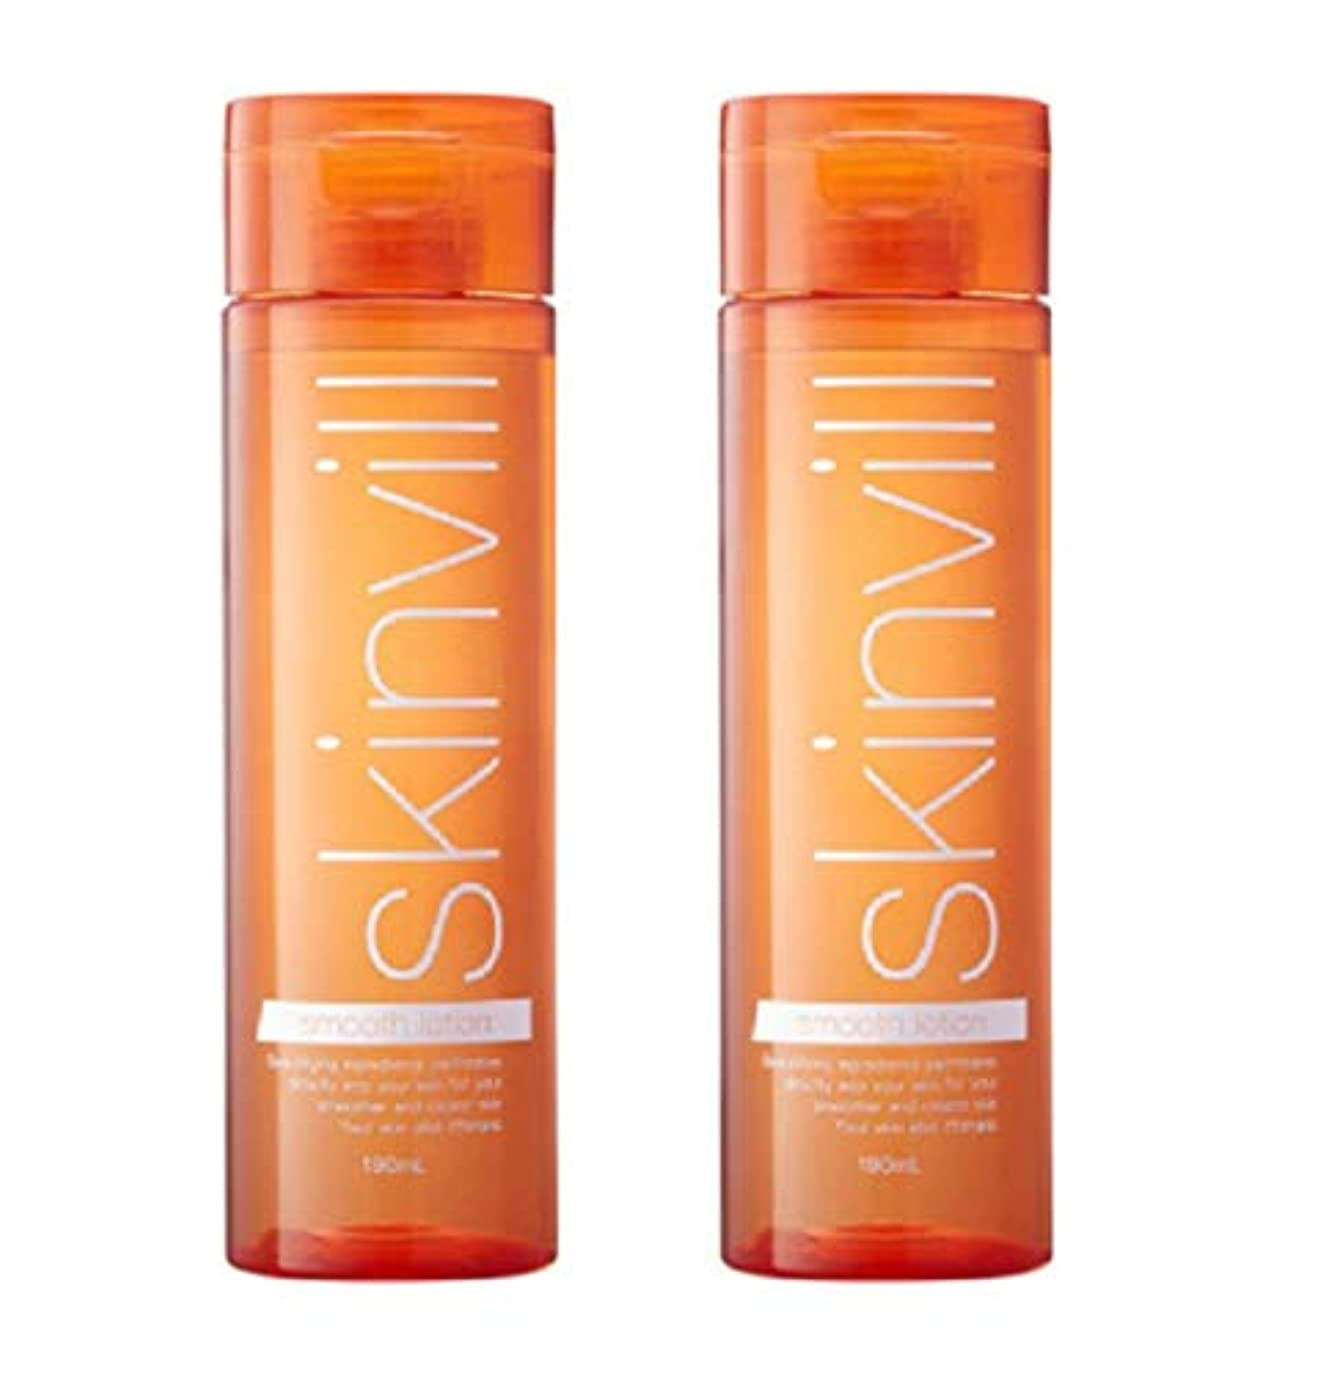 skinvill スキンビル スムースローション 化粧水 190ml 2本セット